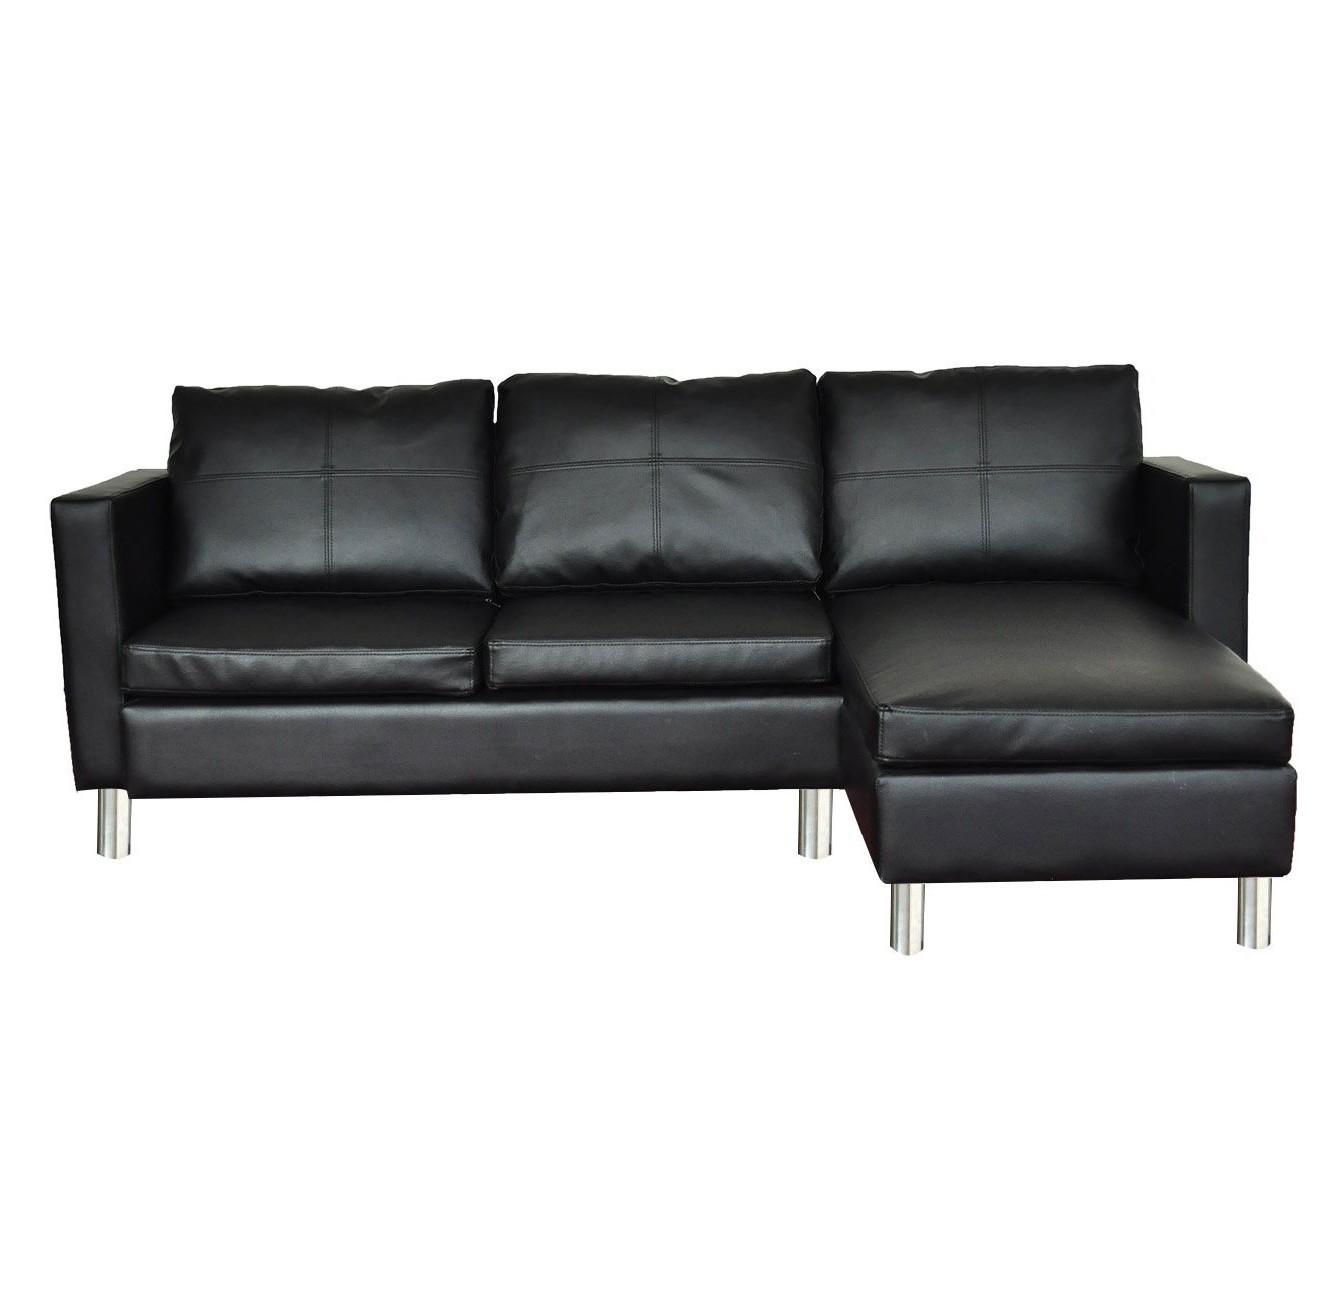 petit canap d 39 angle convertible canap id es de d coration de maison lmb8jyel53. Black Bedroom Furniture Sets. Home Design Ideas